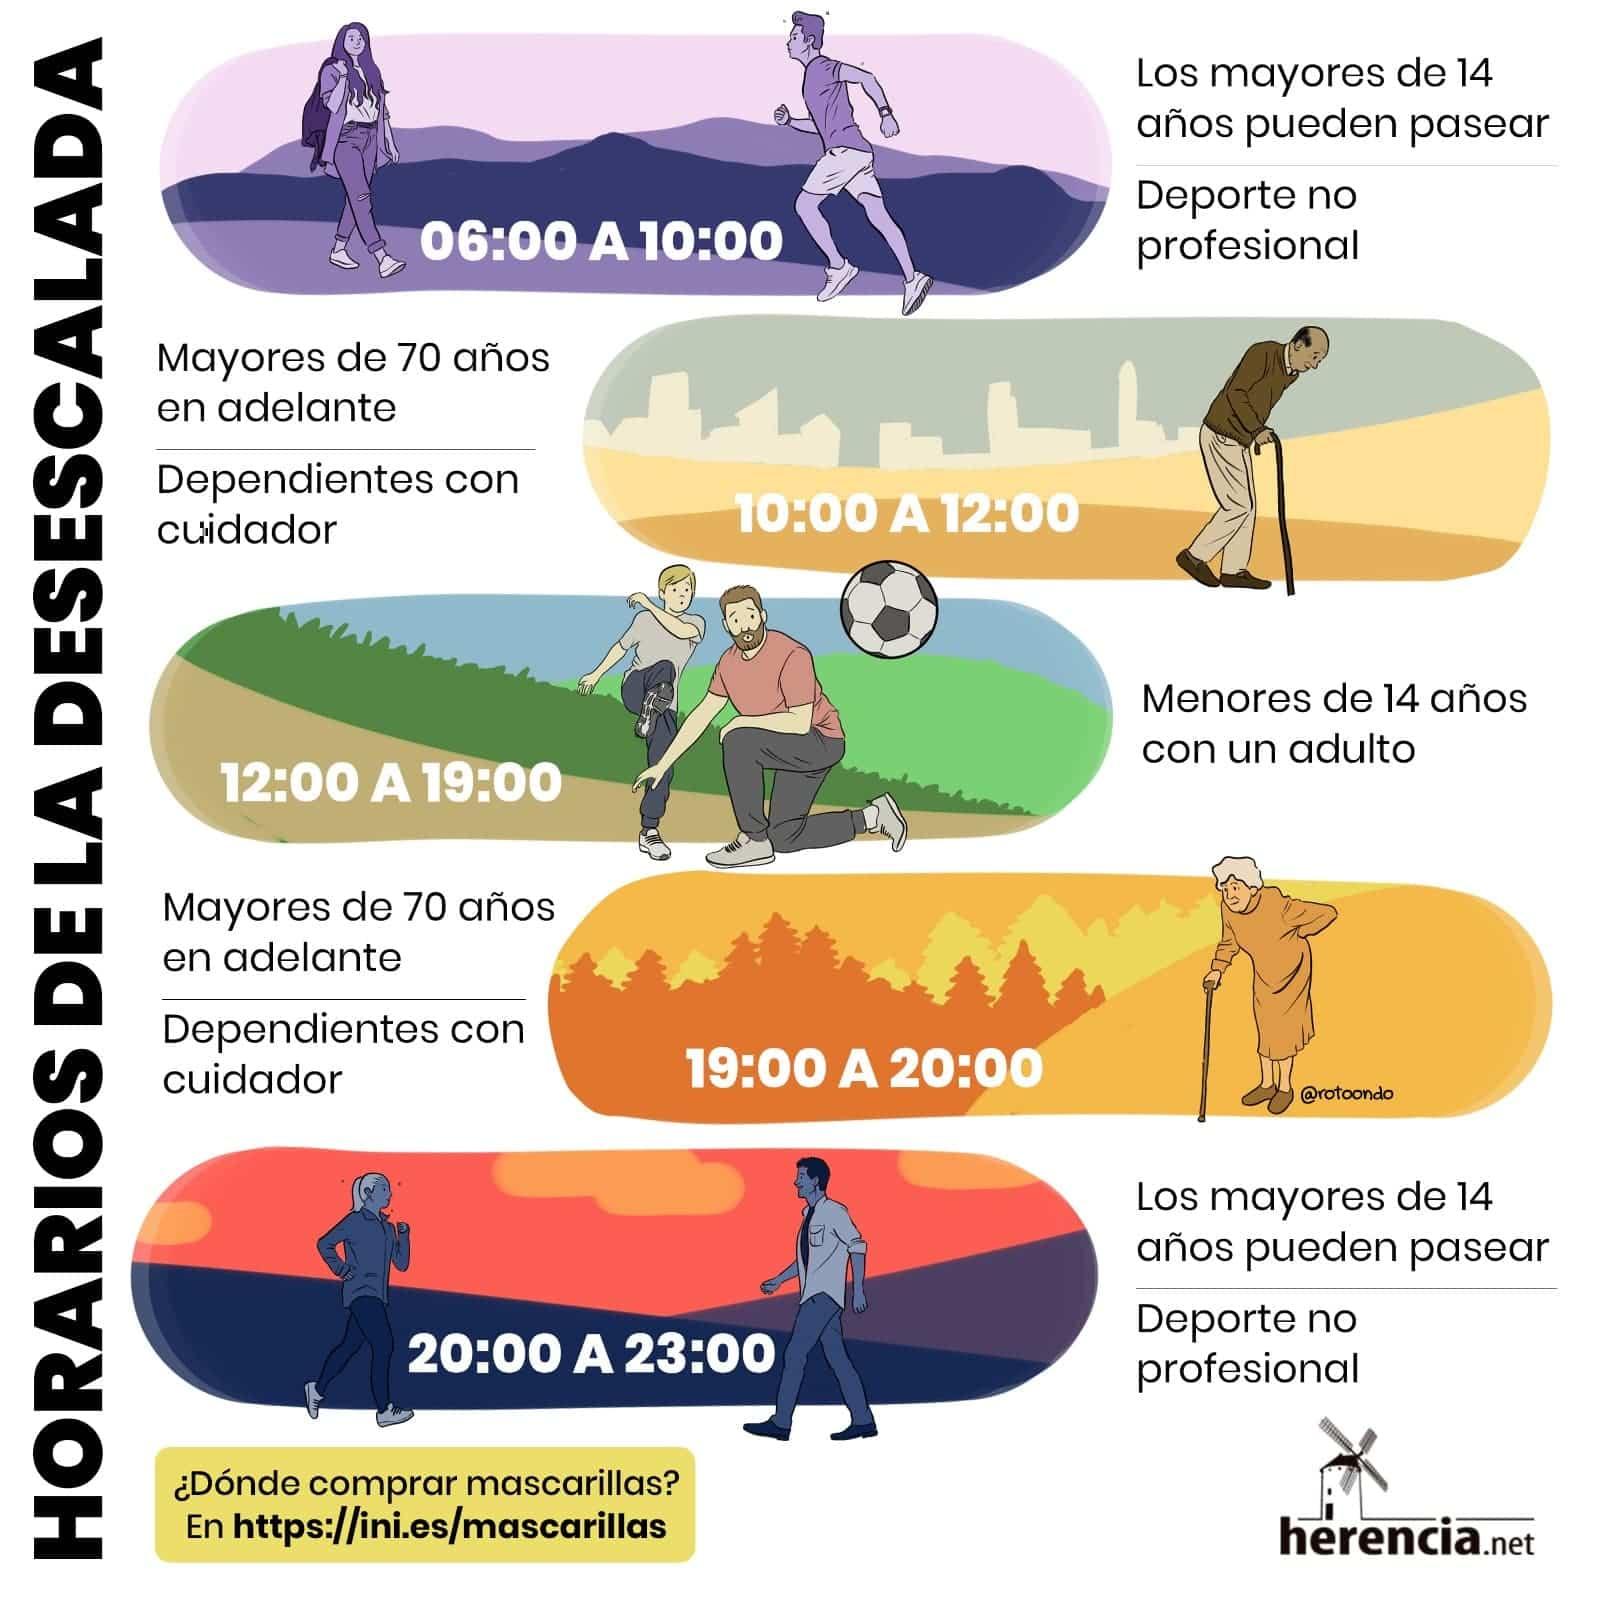 horarios desescalada herencia net - Policía Local informa sobre la normativa en la fase 0 en Herencia